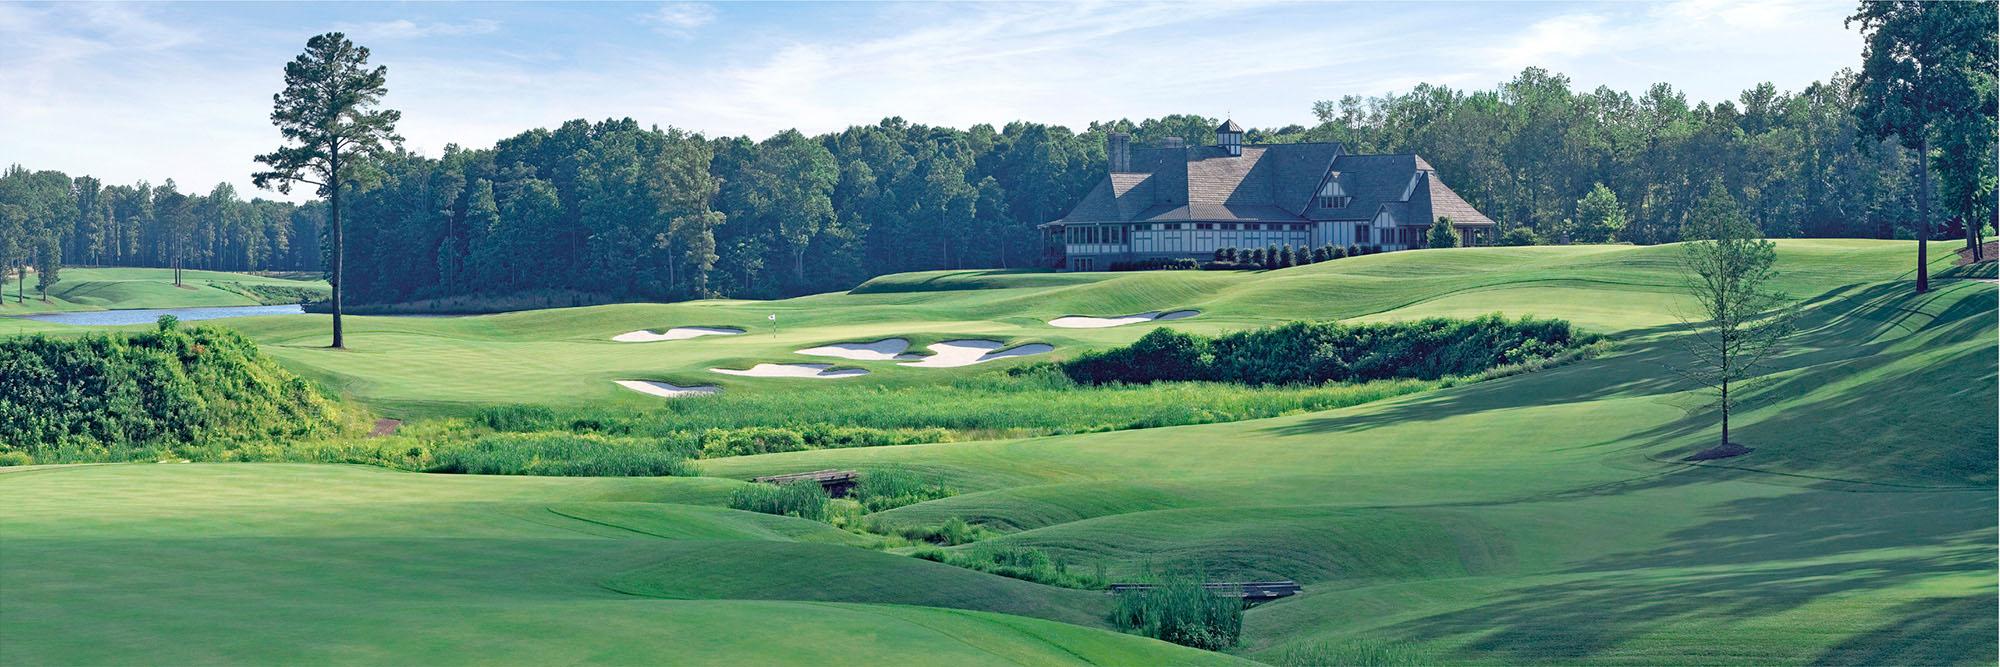 Golf Course Image - Kinloch No. 9